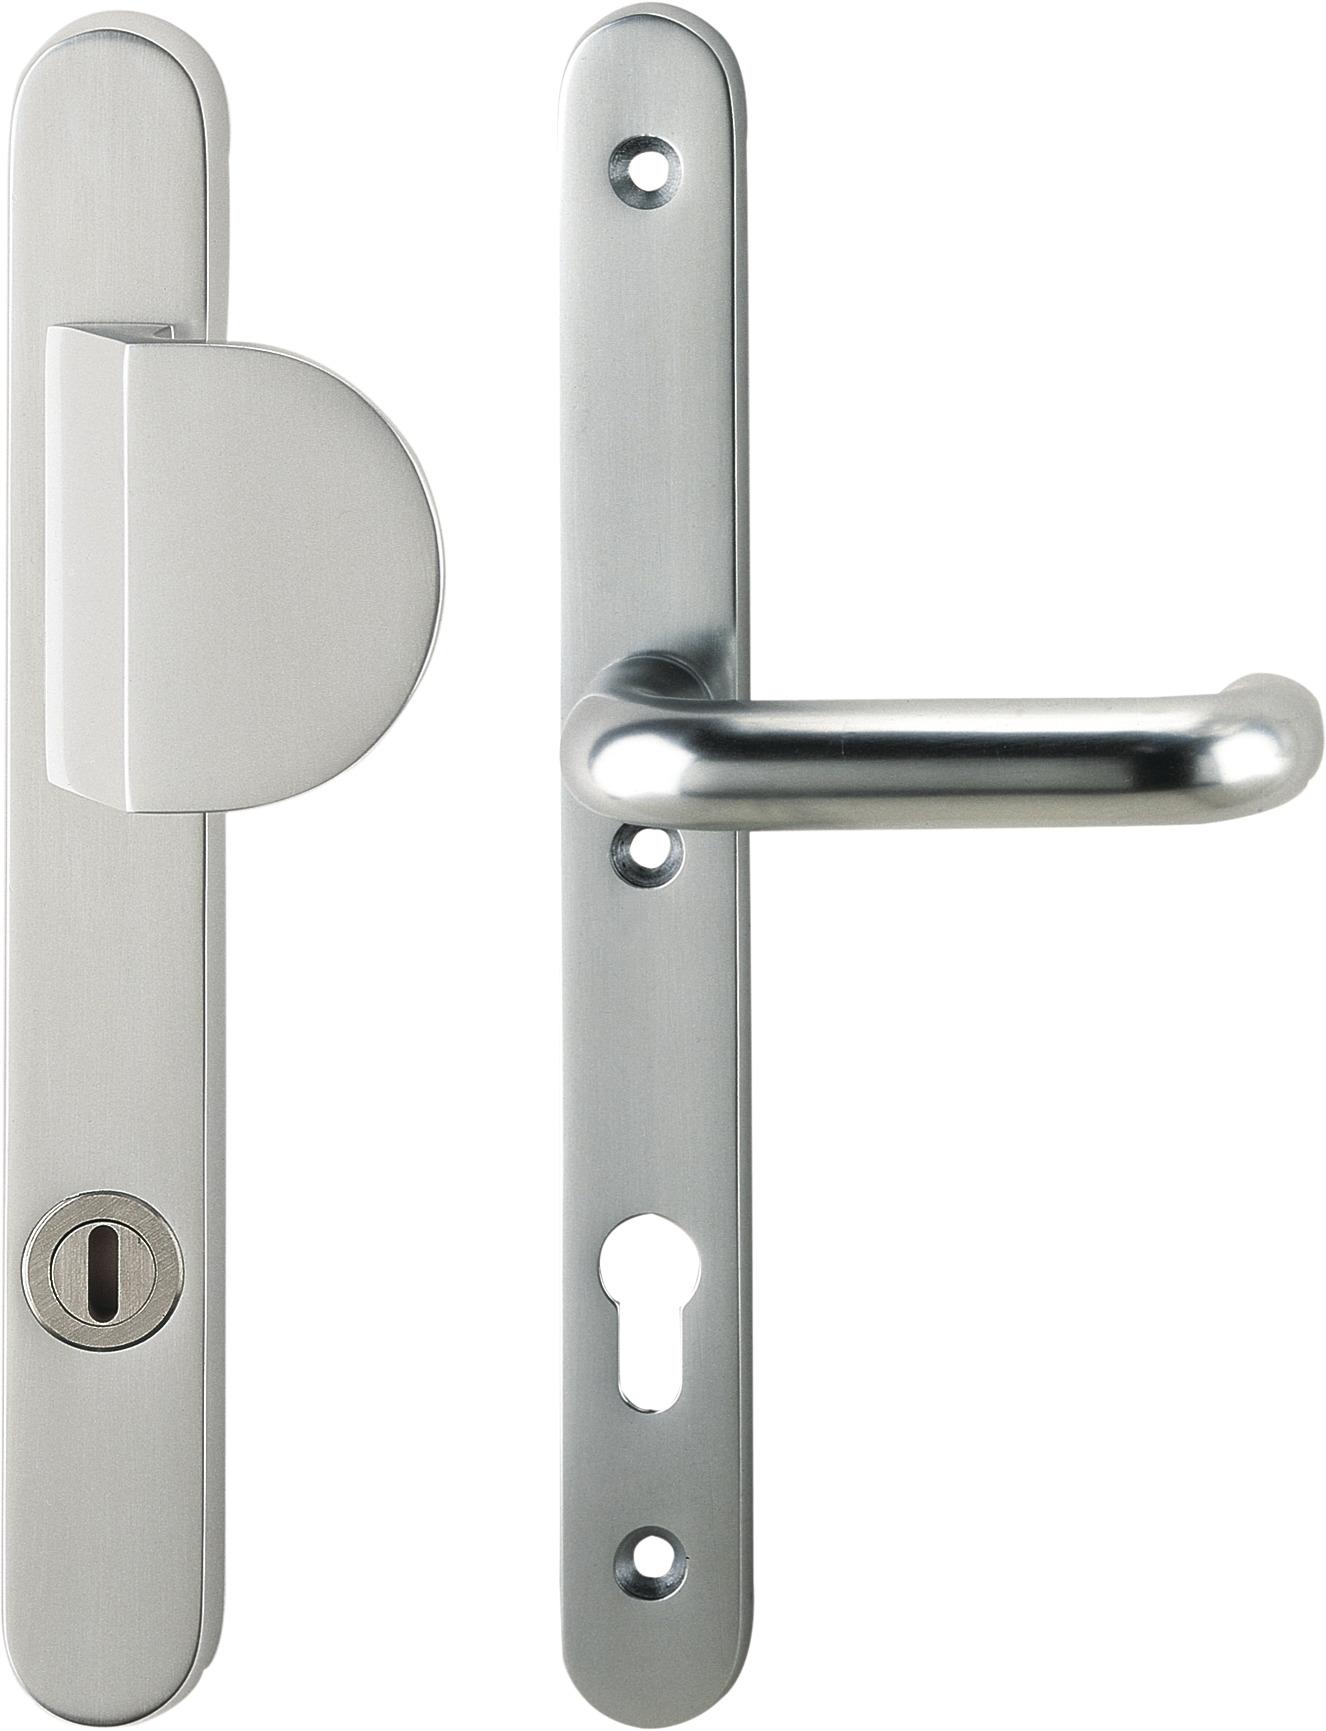 Schutzbeschlag mit Zylinderabdeckung - Griffplatte/U-Form Drücker ...